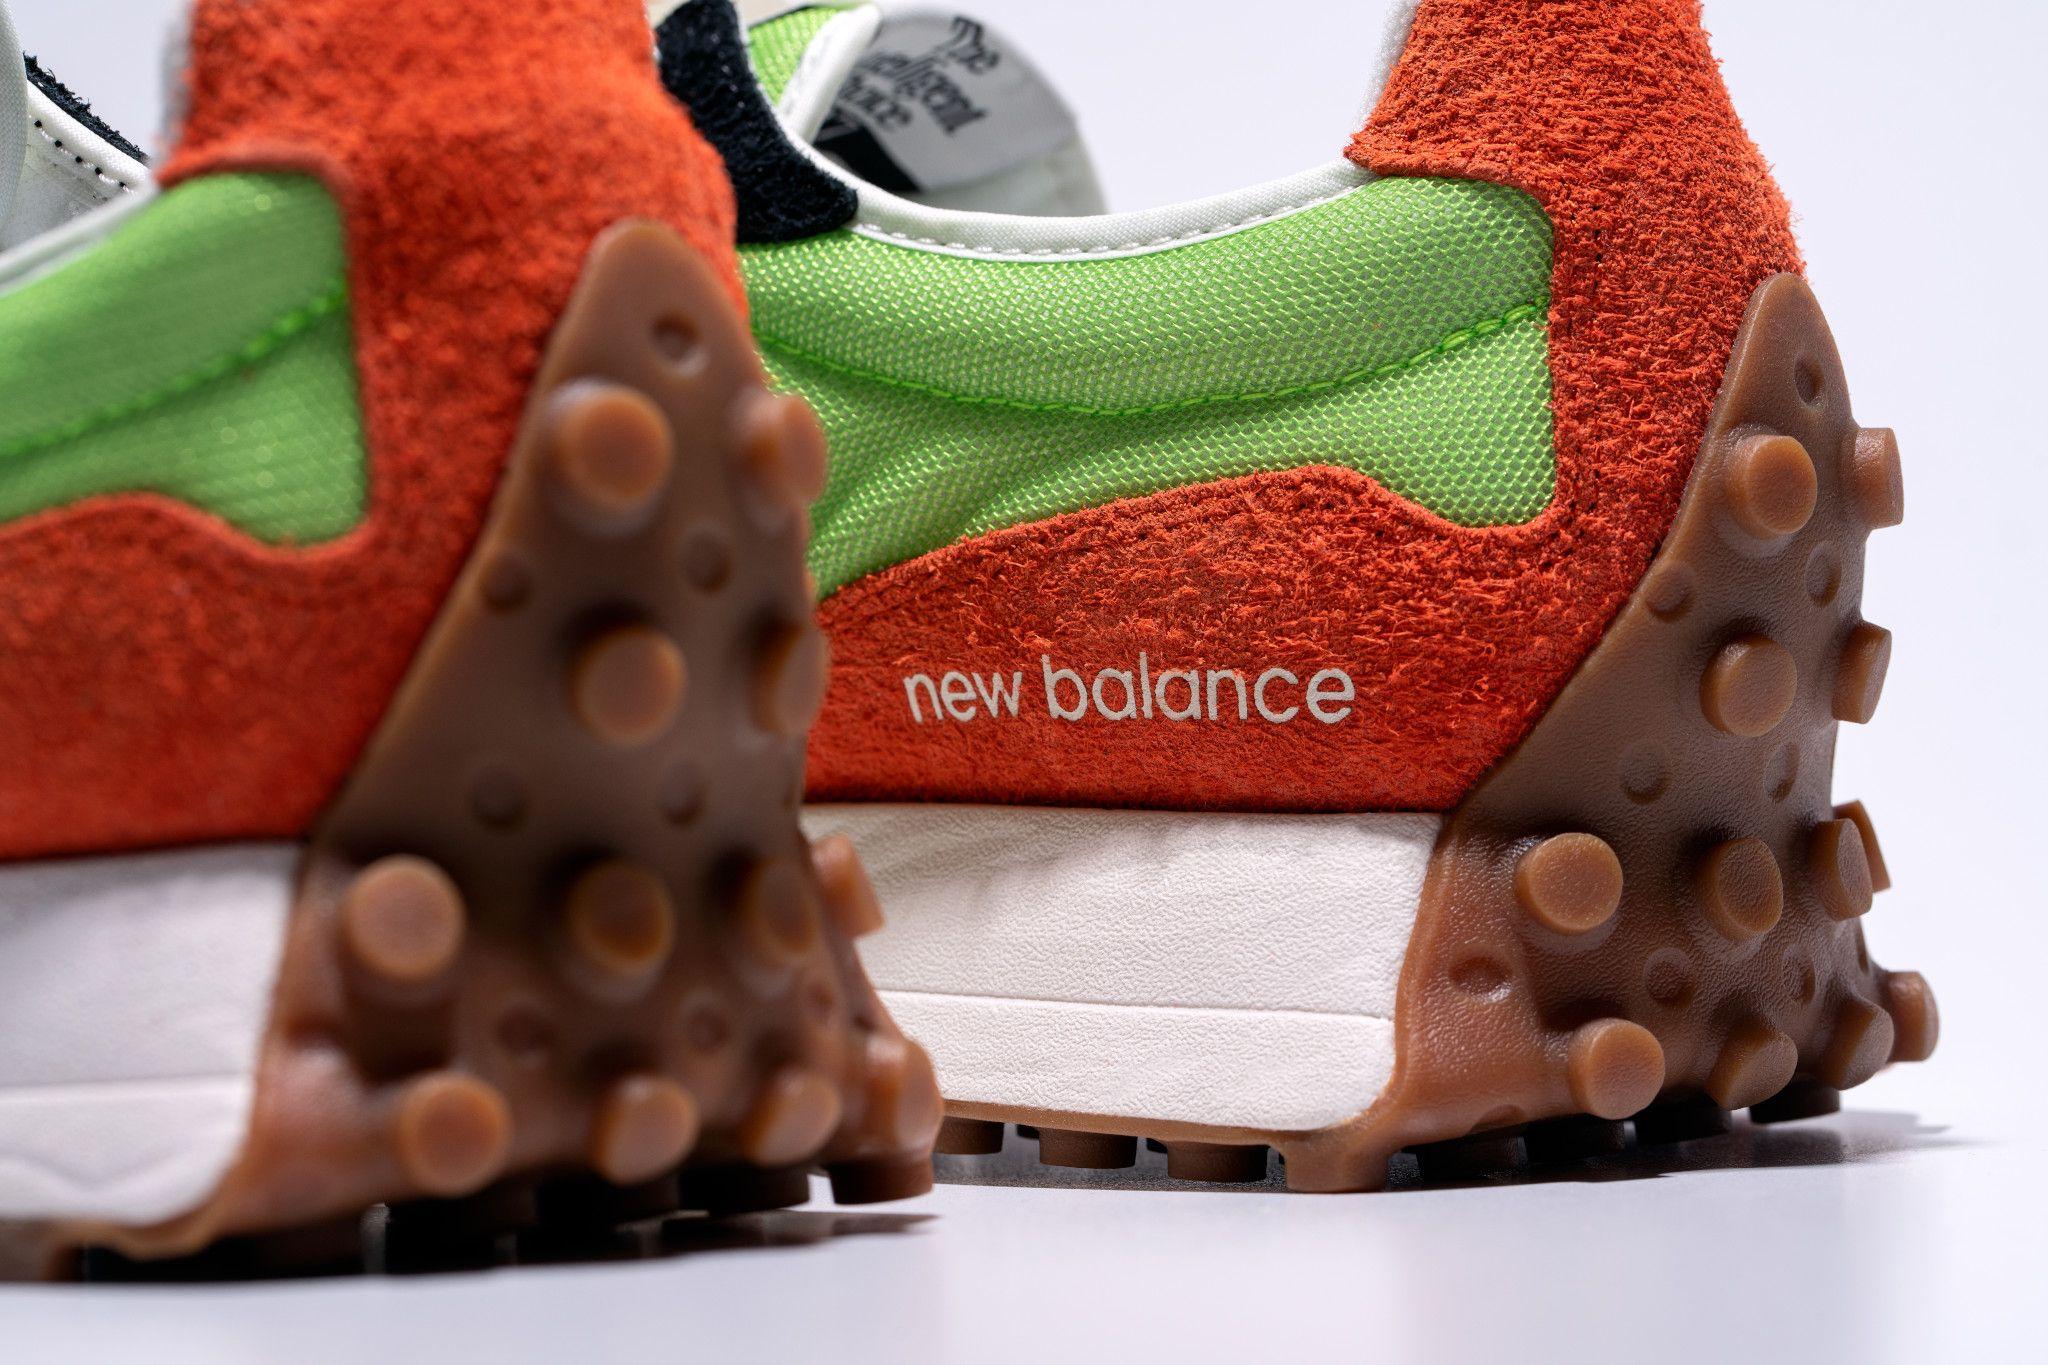 New Balance「327」、エネルギッシュな新色発売